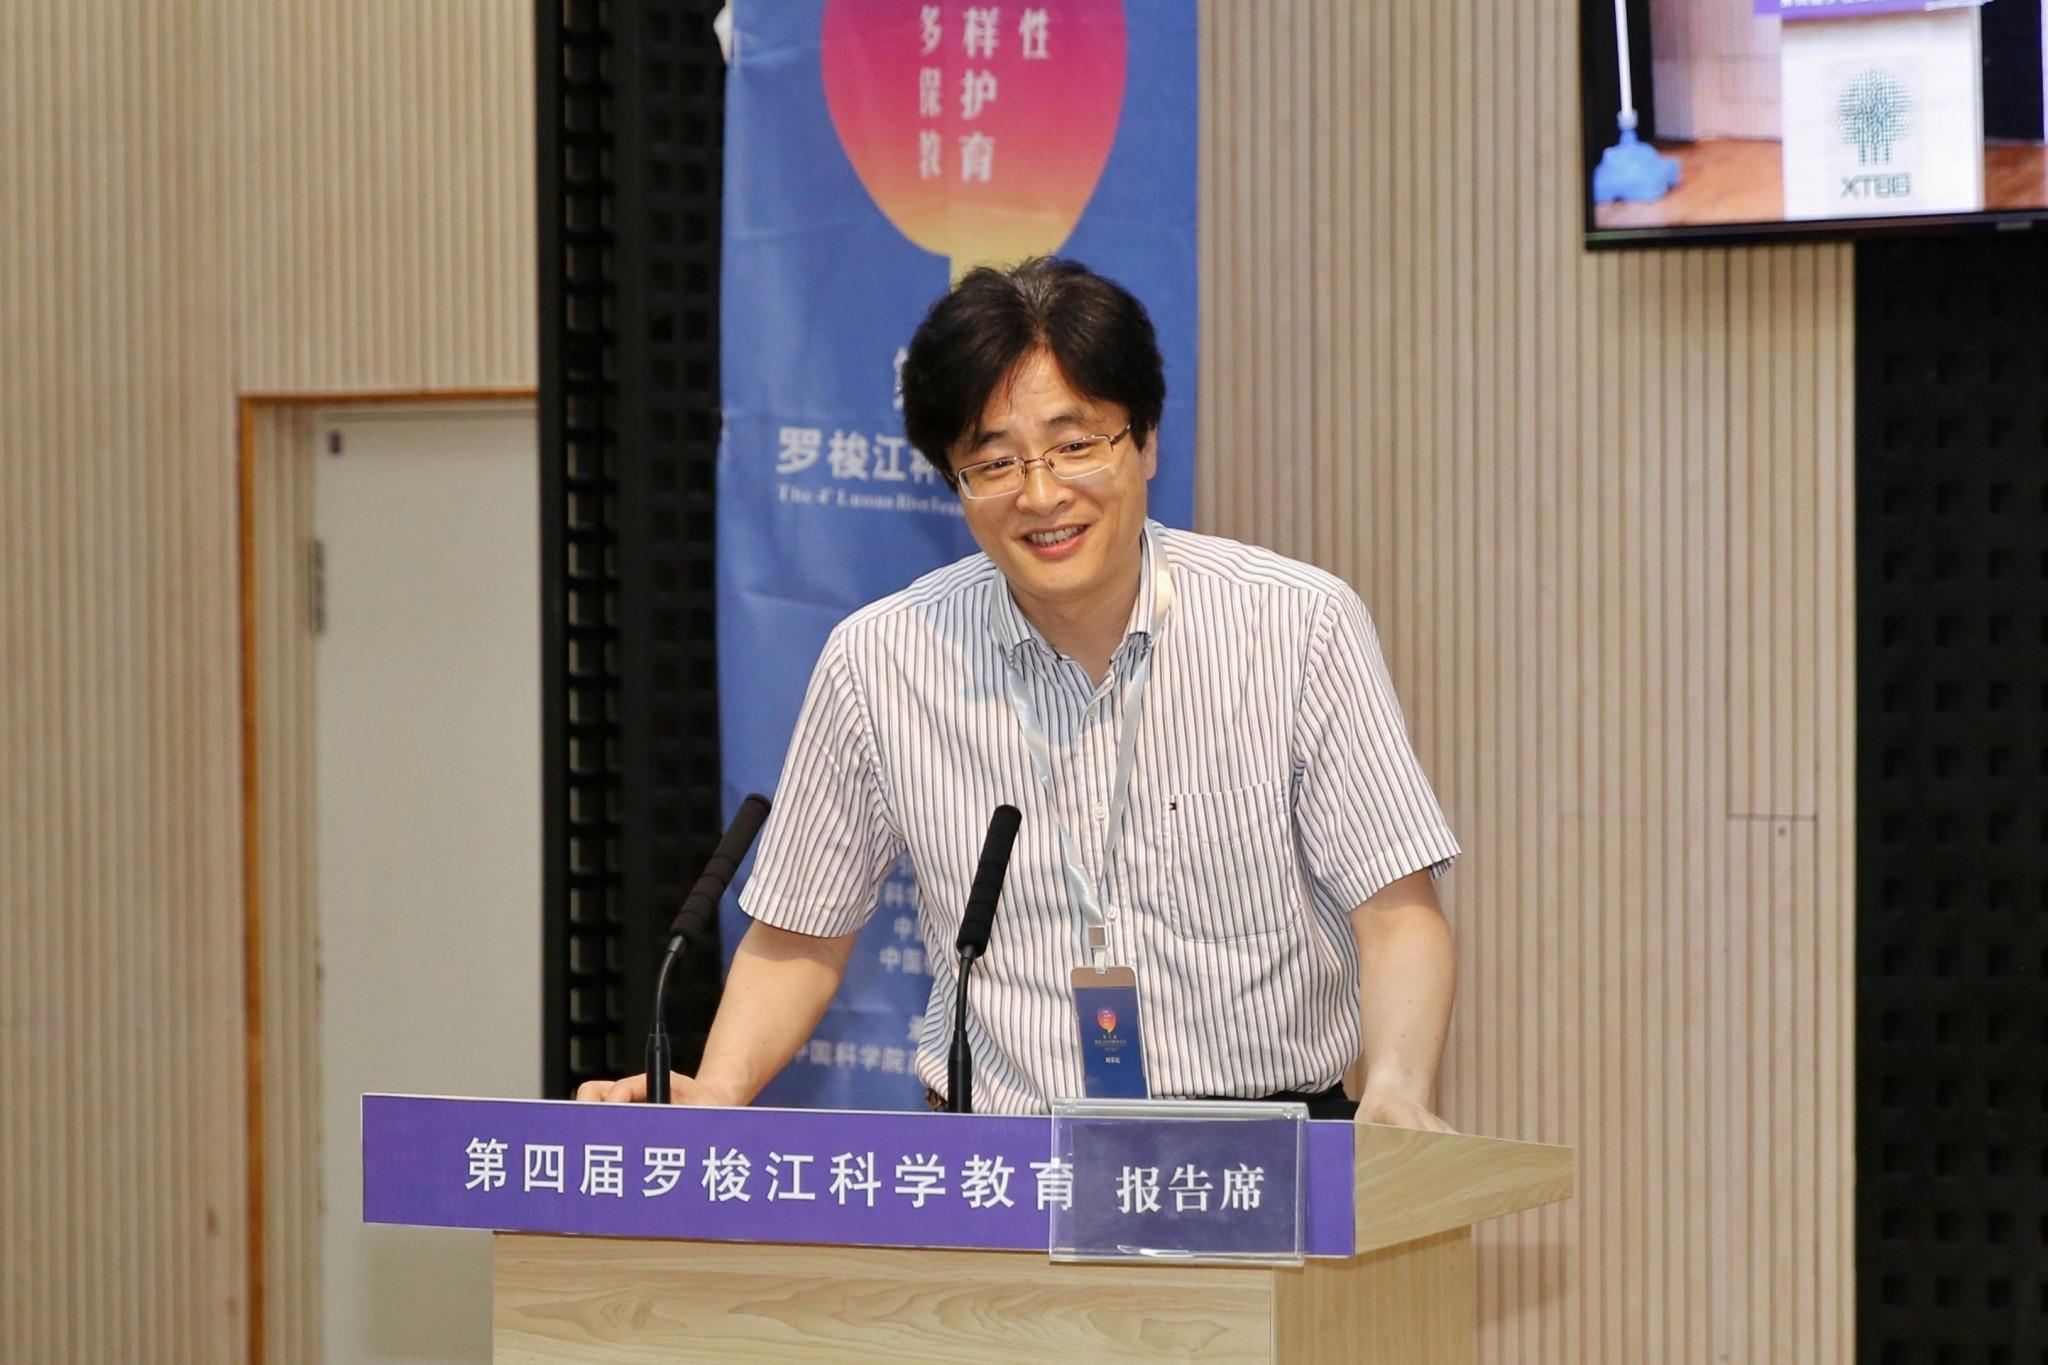 【大会报告】中国科学技术大学  周荣廷: 小学科学教育中渗透HPS教育的探索